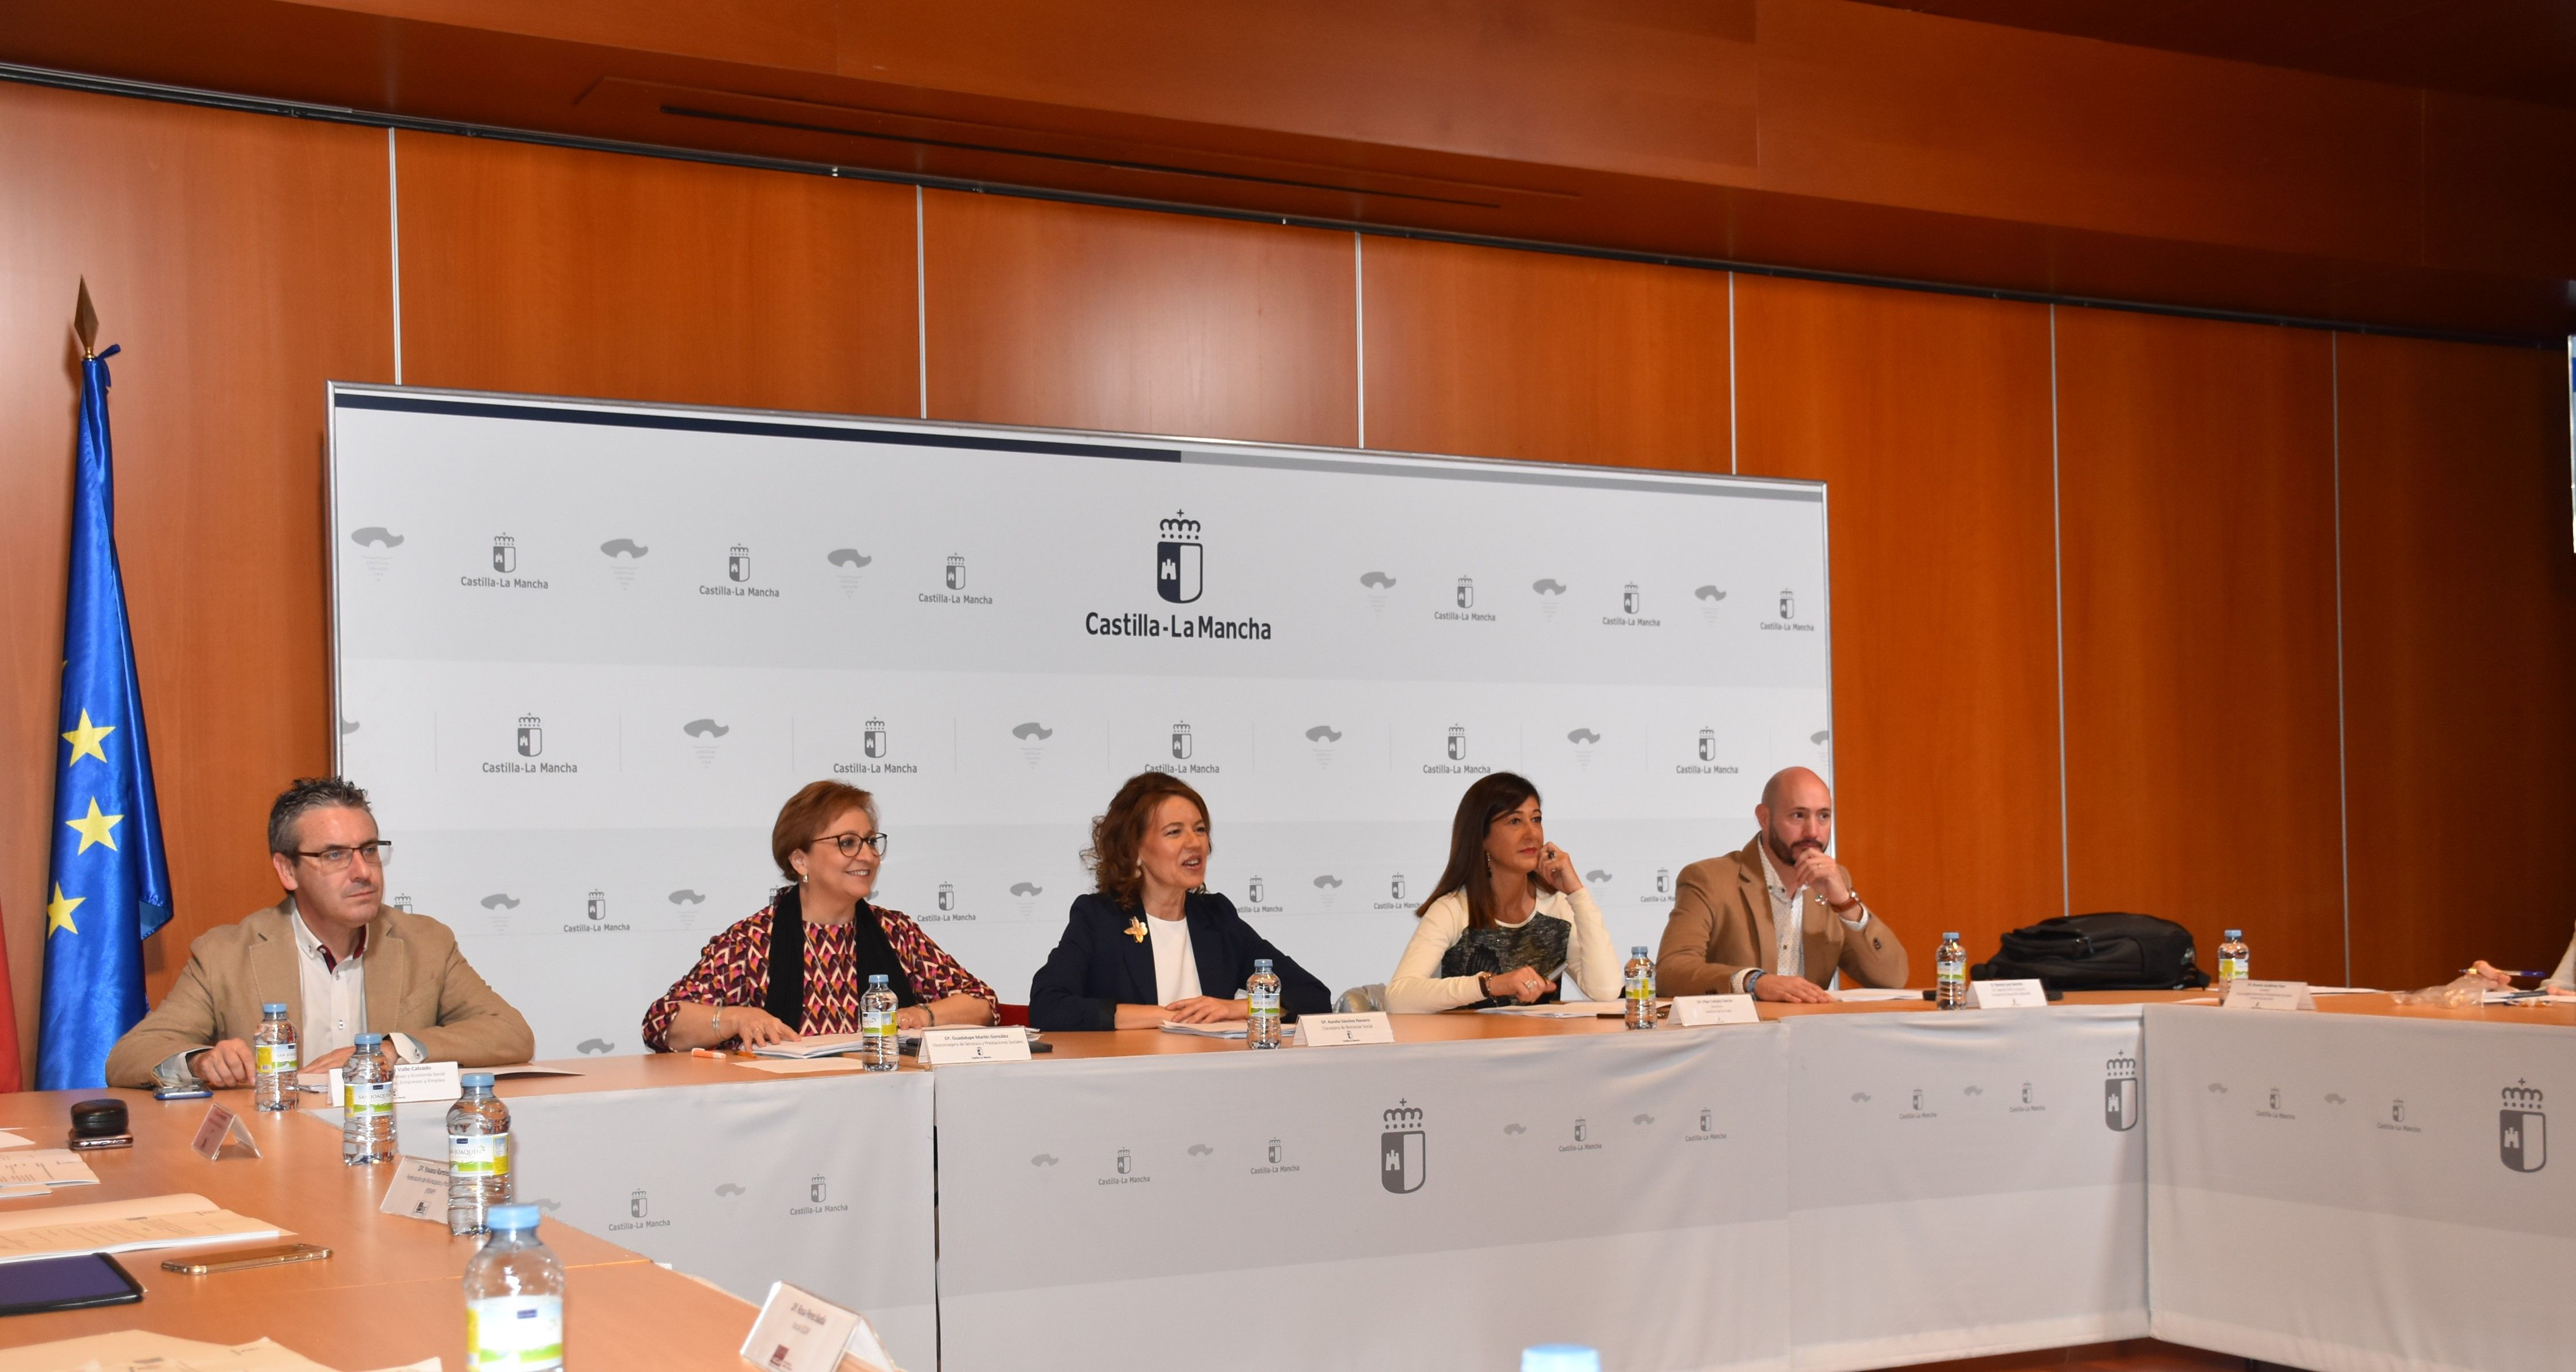 El Gobierno de Castilla-La Mancha destina más de dos millones de euros para ayudas a proyectos de Cooperación para el Desarrollo